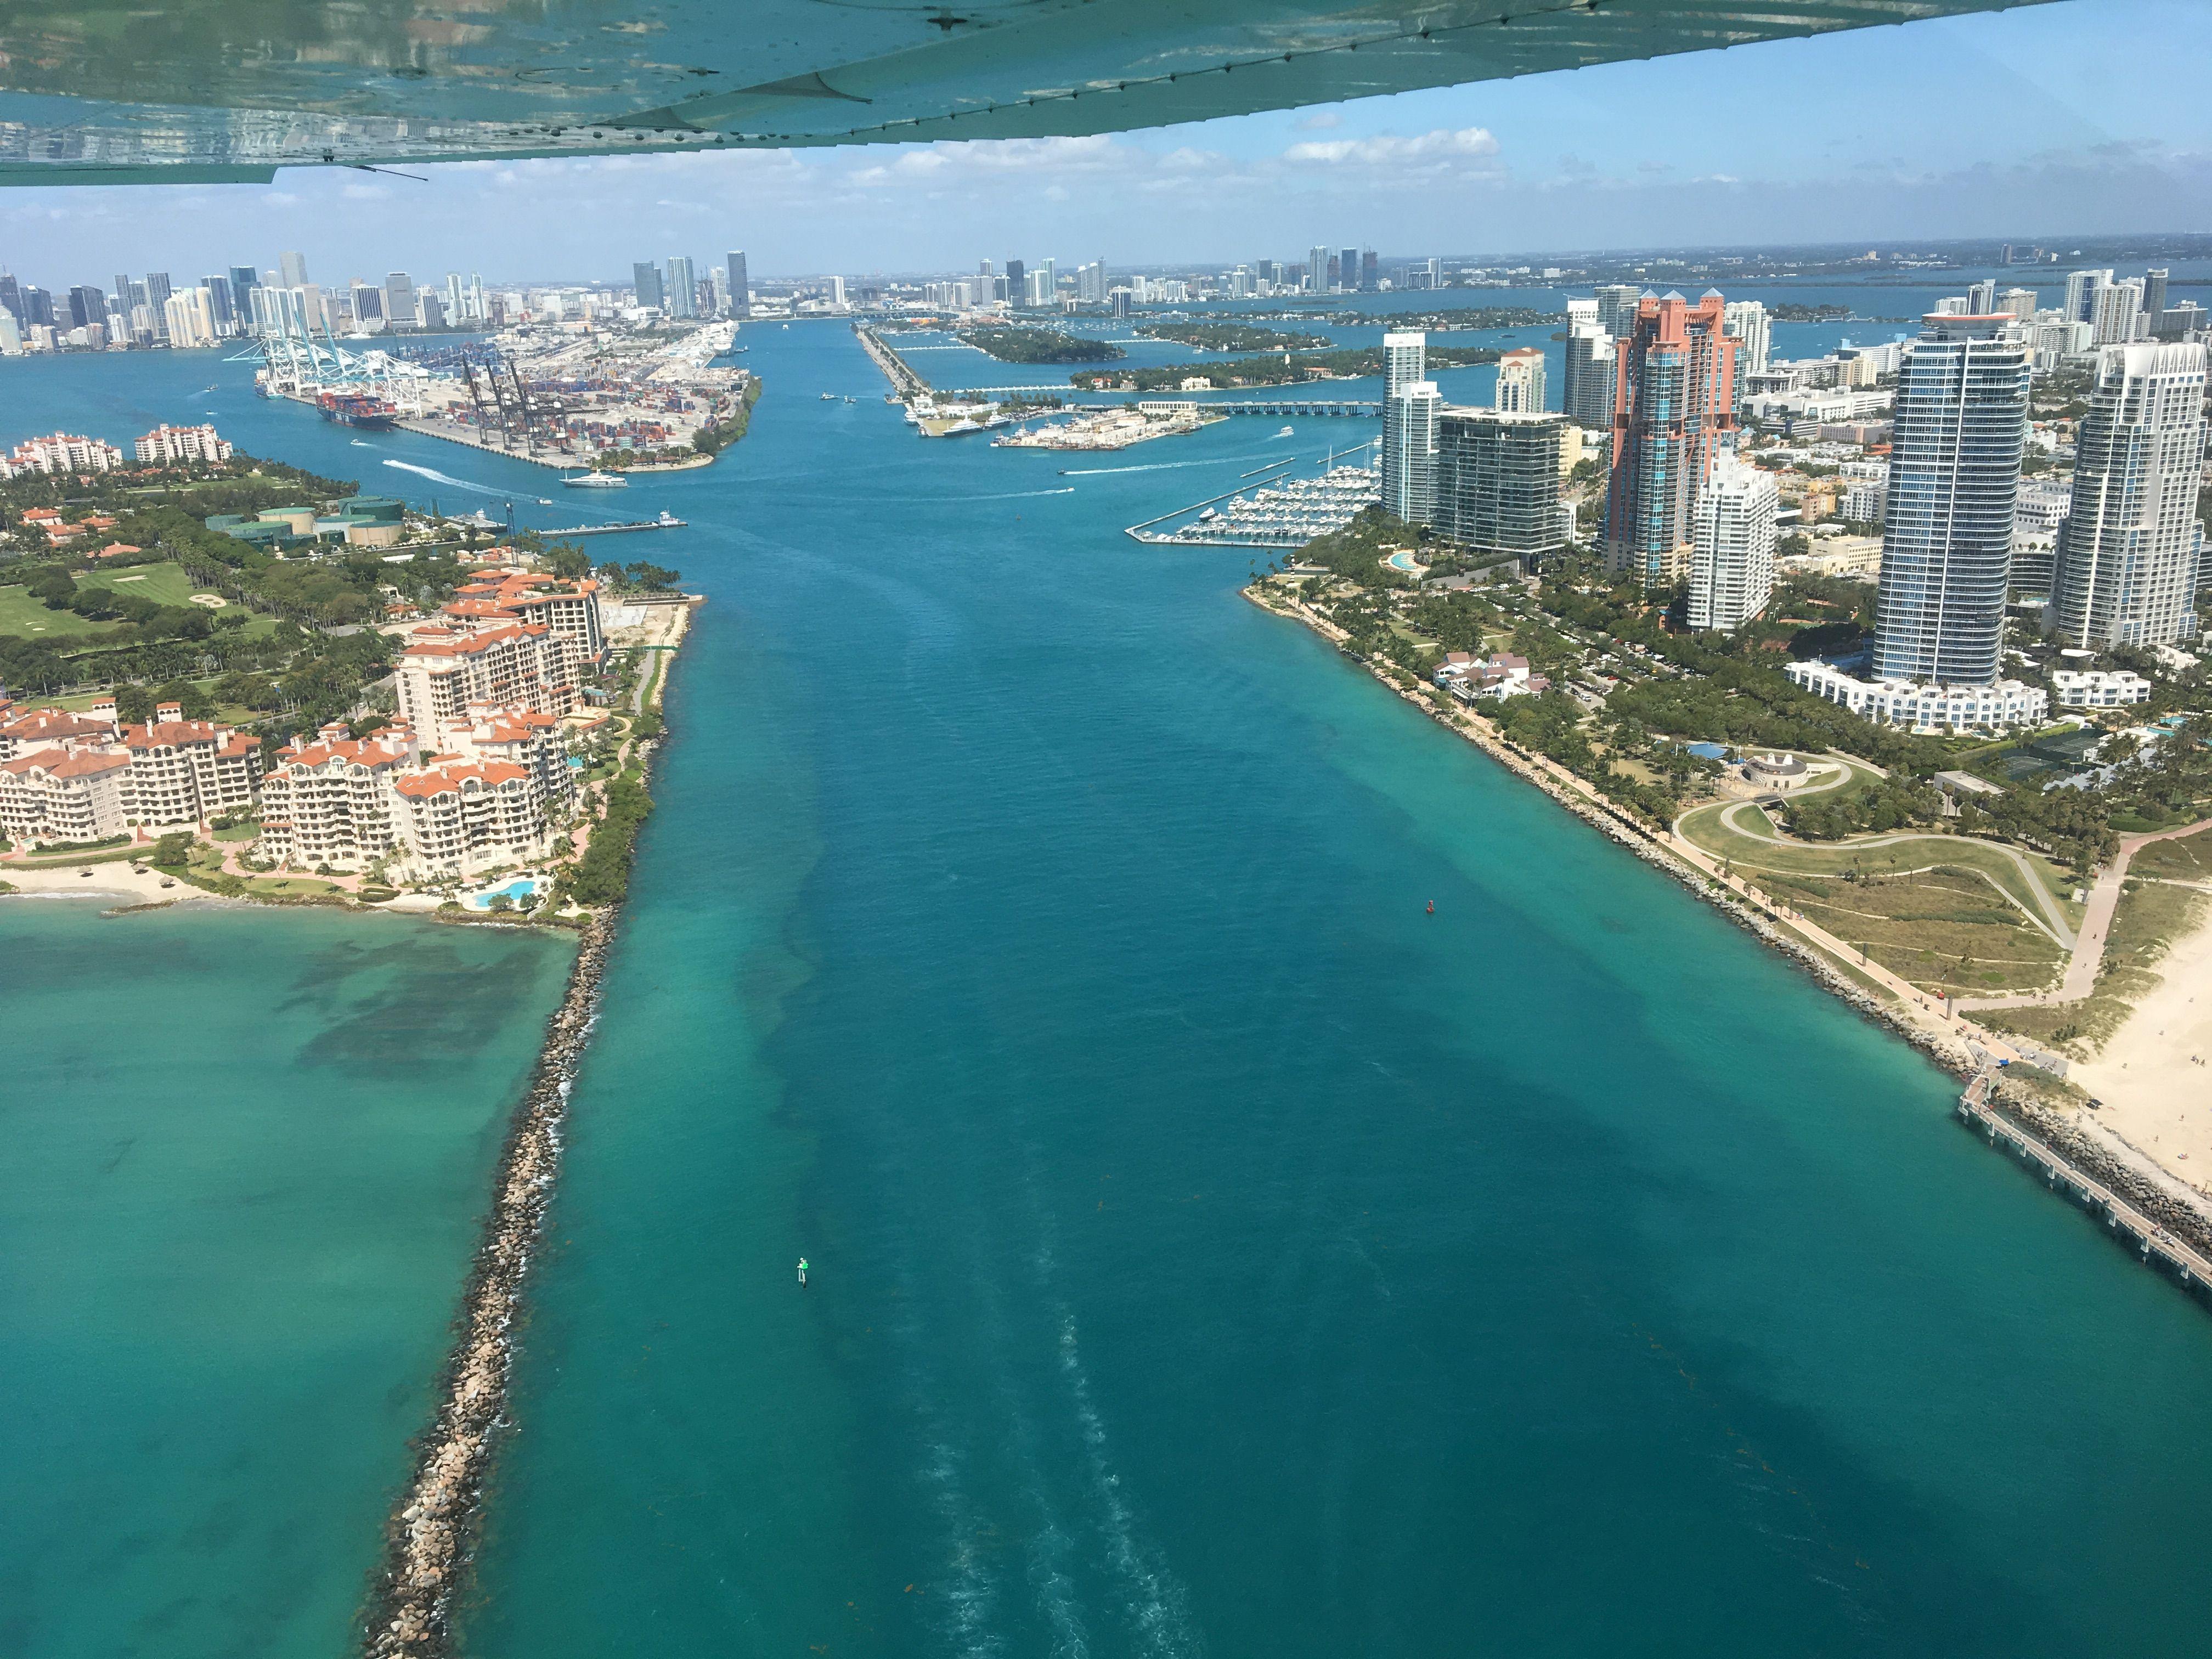 007_Miami Beach